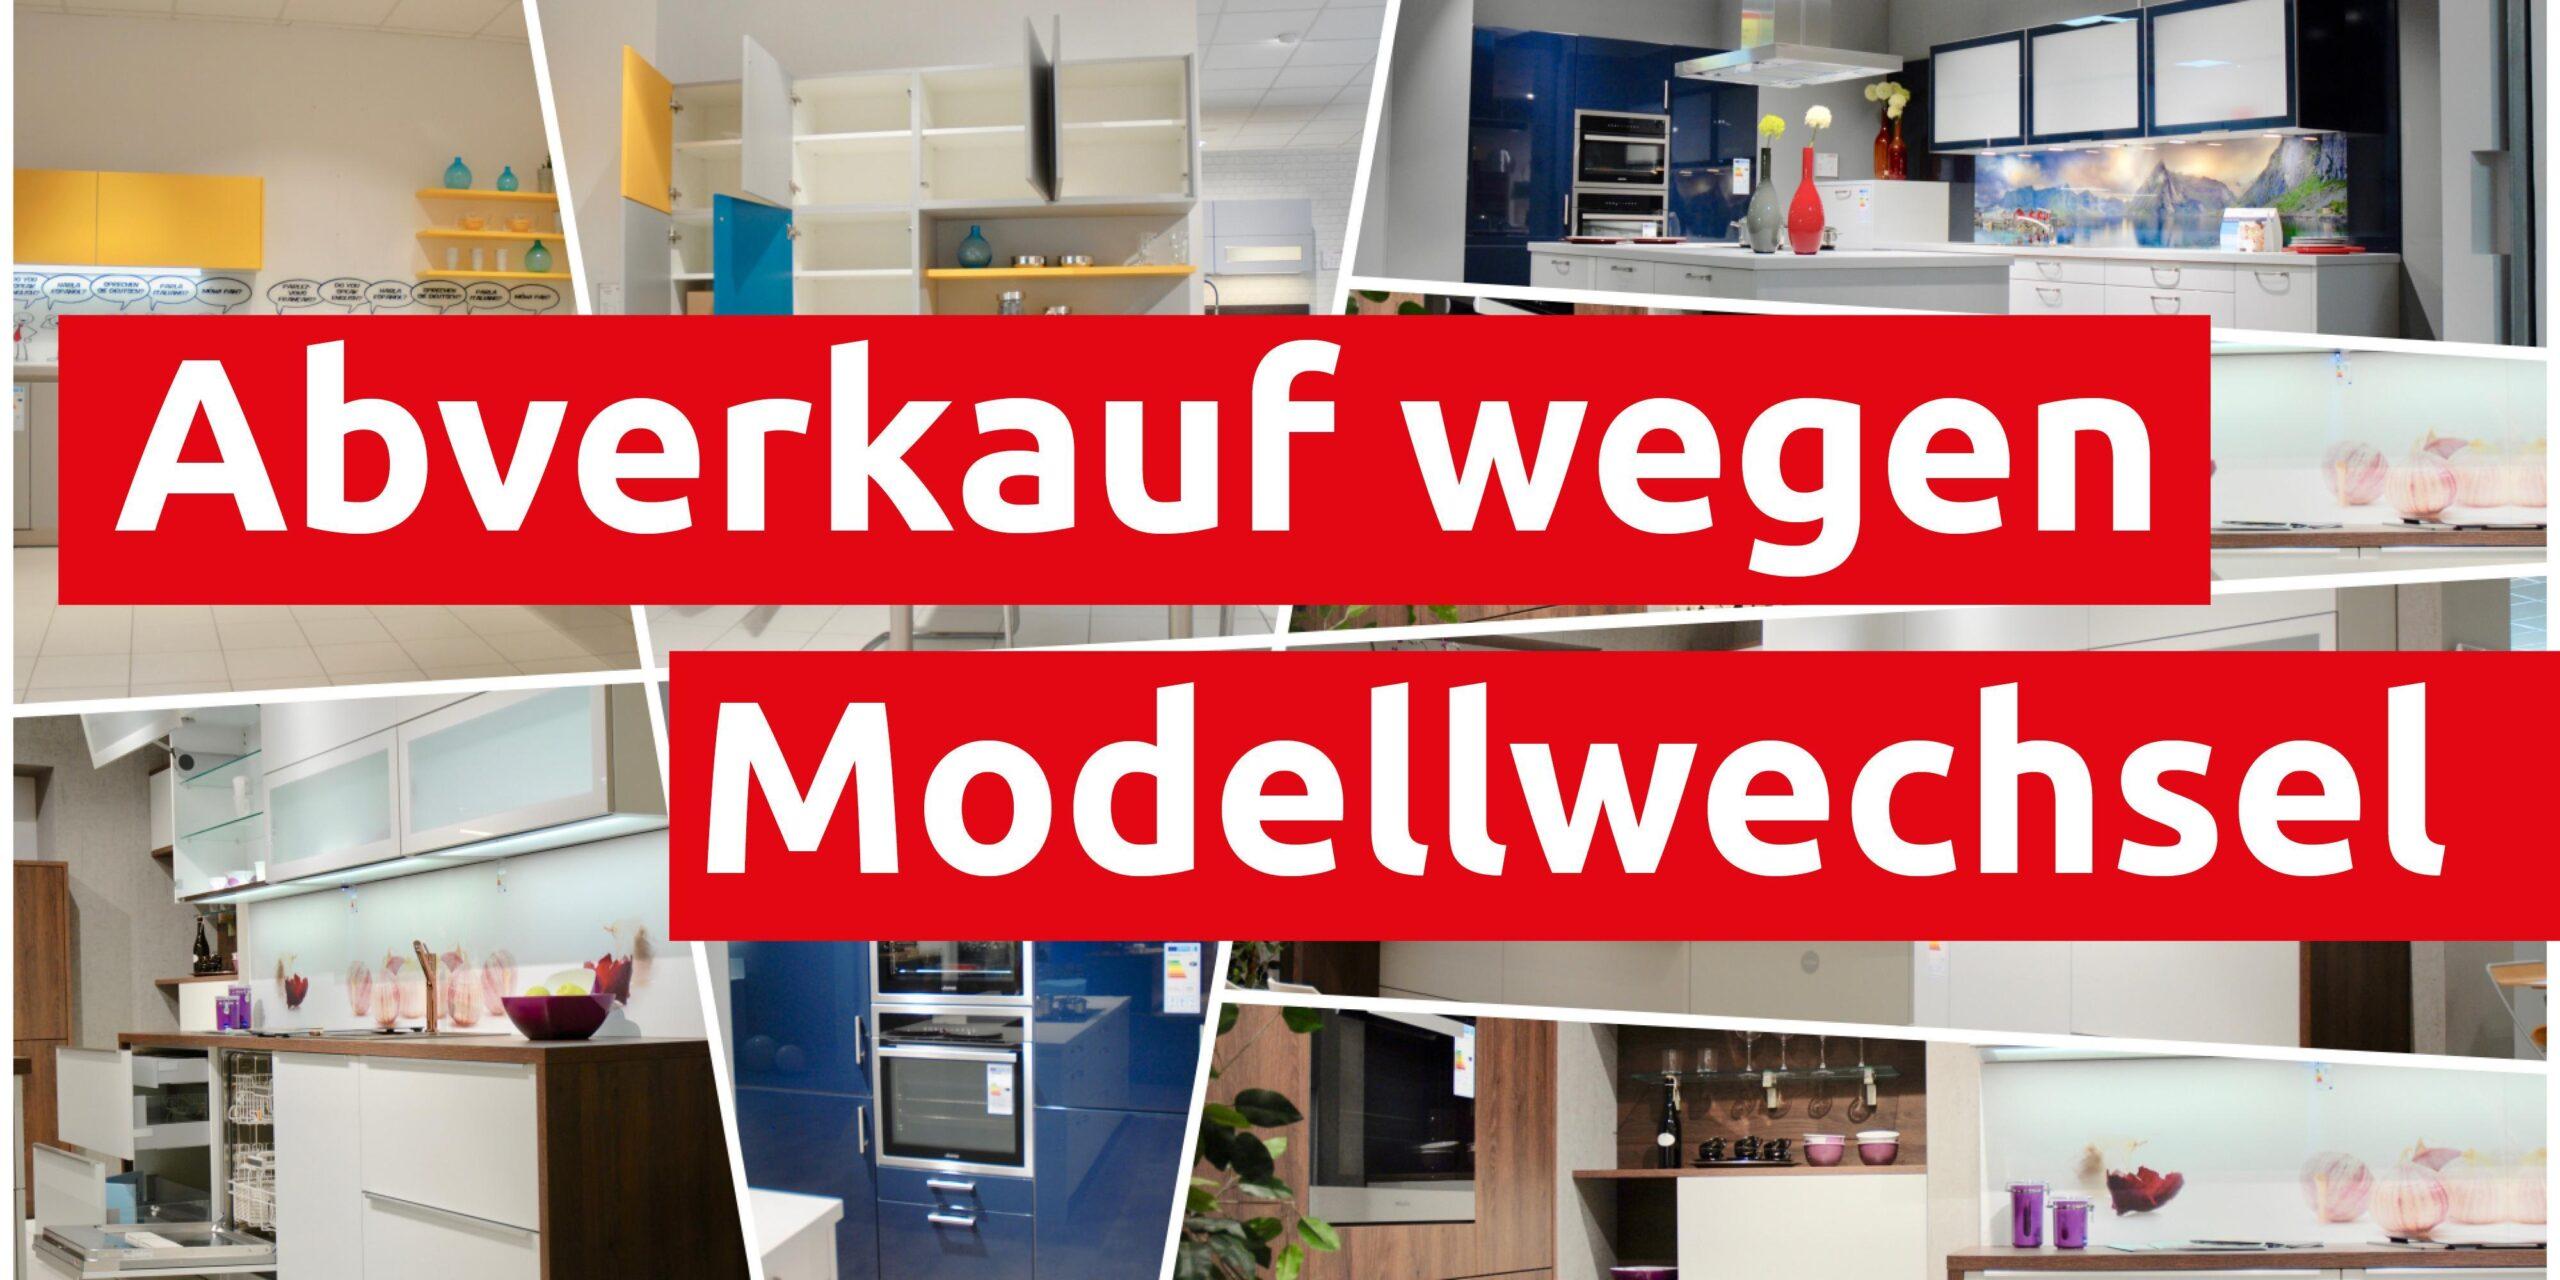 Full Size of Küchen Regal Bad Abverkauf Inselküche Wohnzimmer Walden Küchen Abverkauf